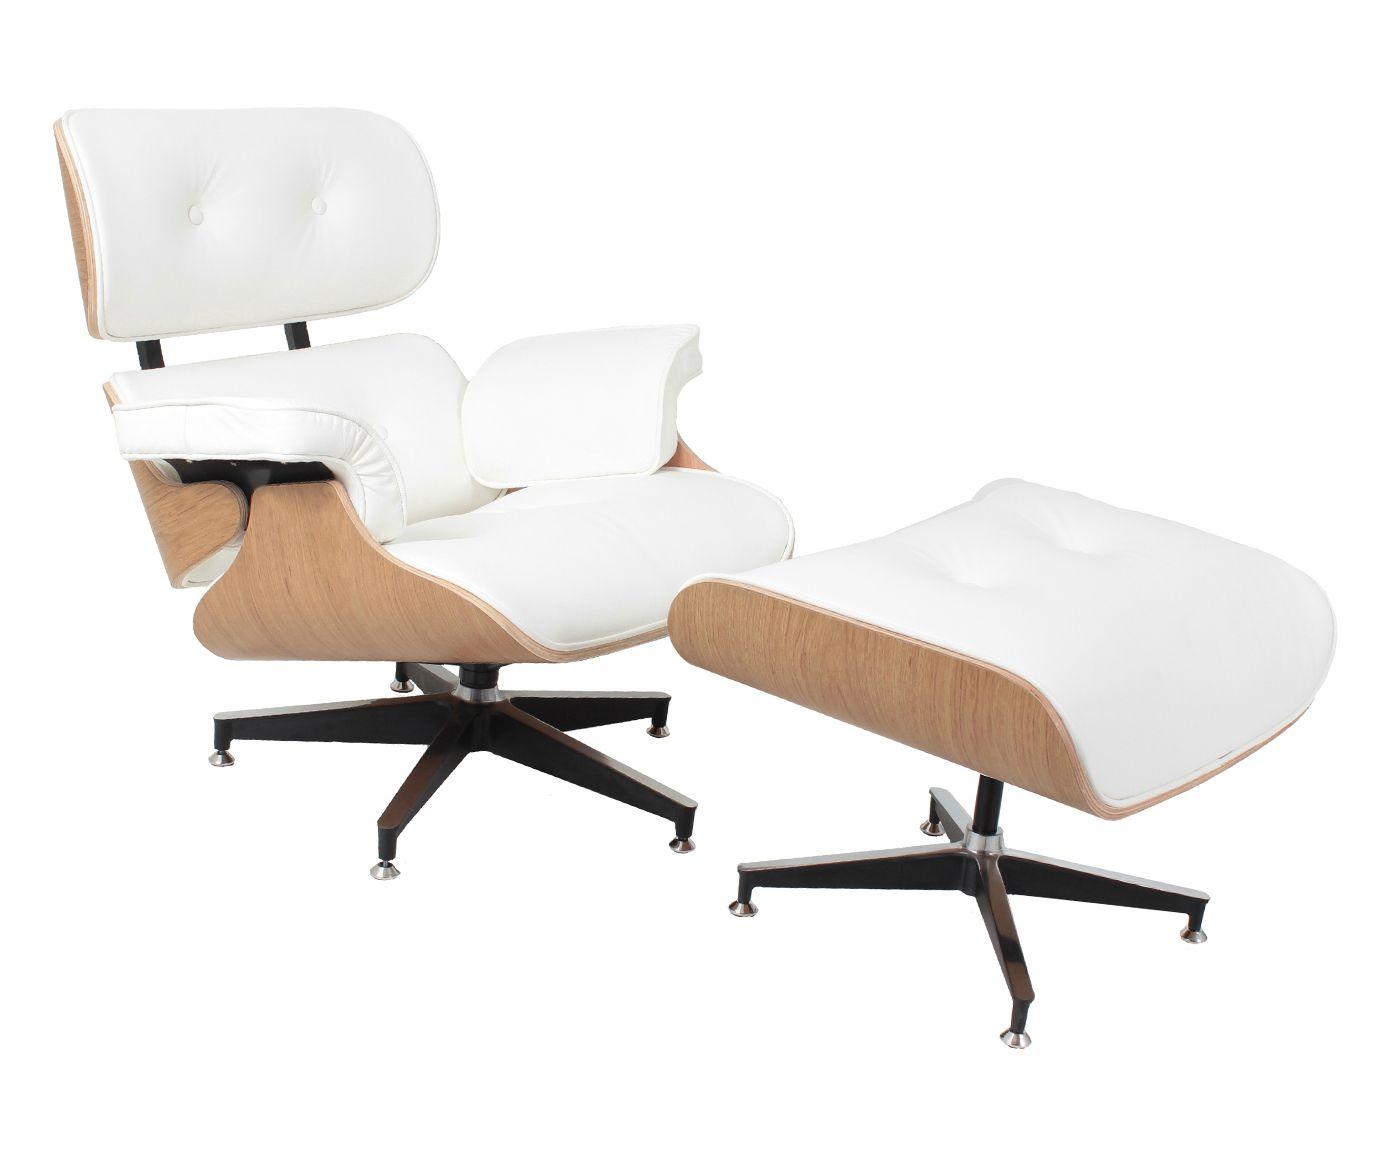 Poltrona Com Pufe em Couro Ecológico Lounge Chair - Branca e Natural   Westwing.com.br